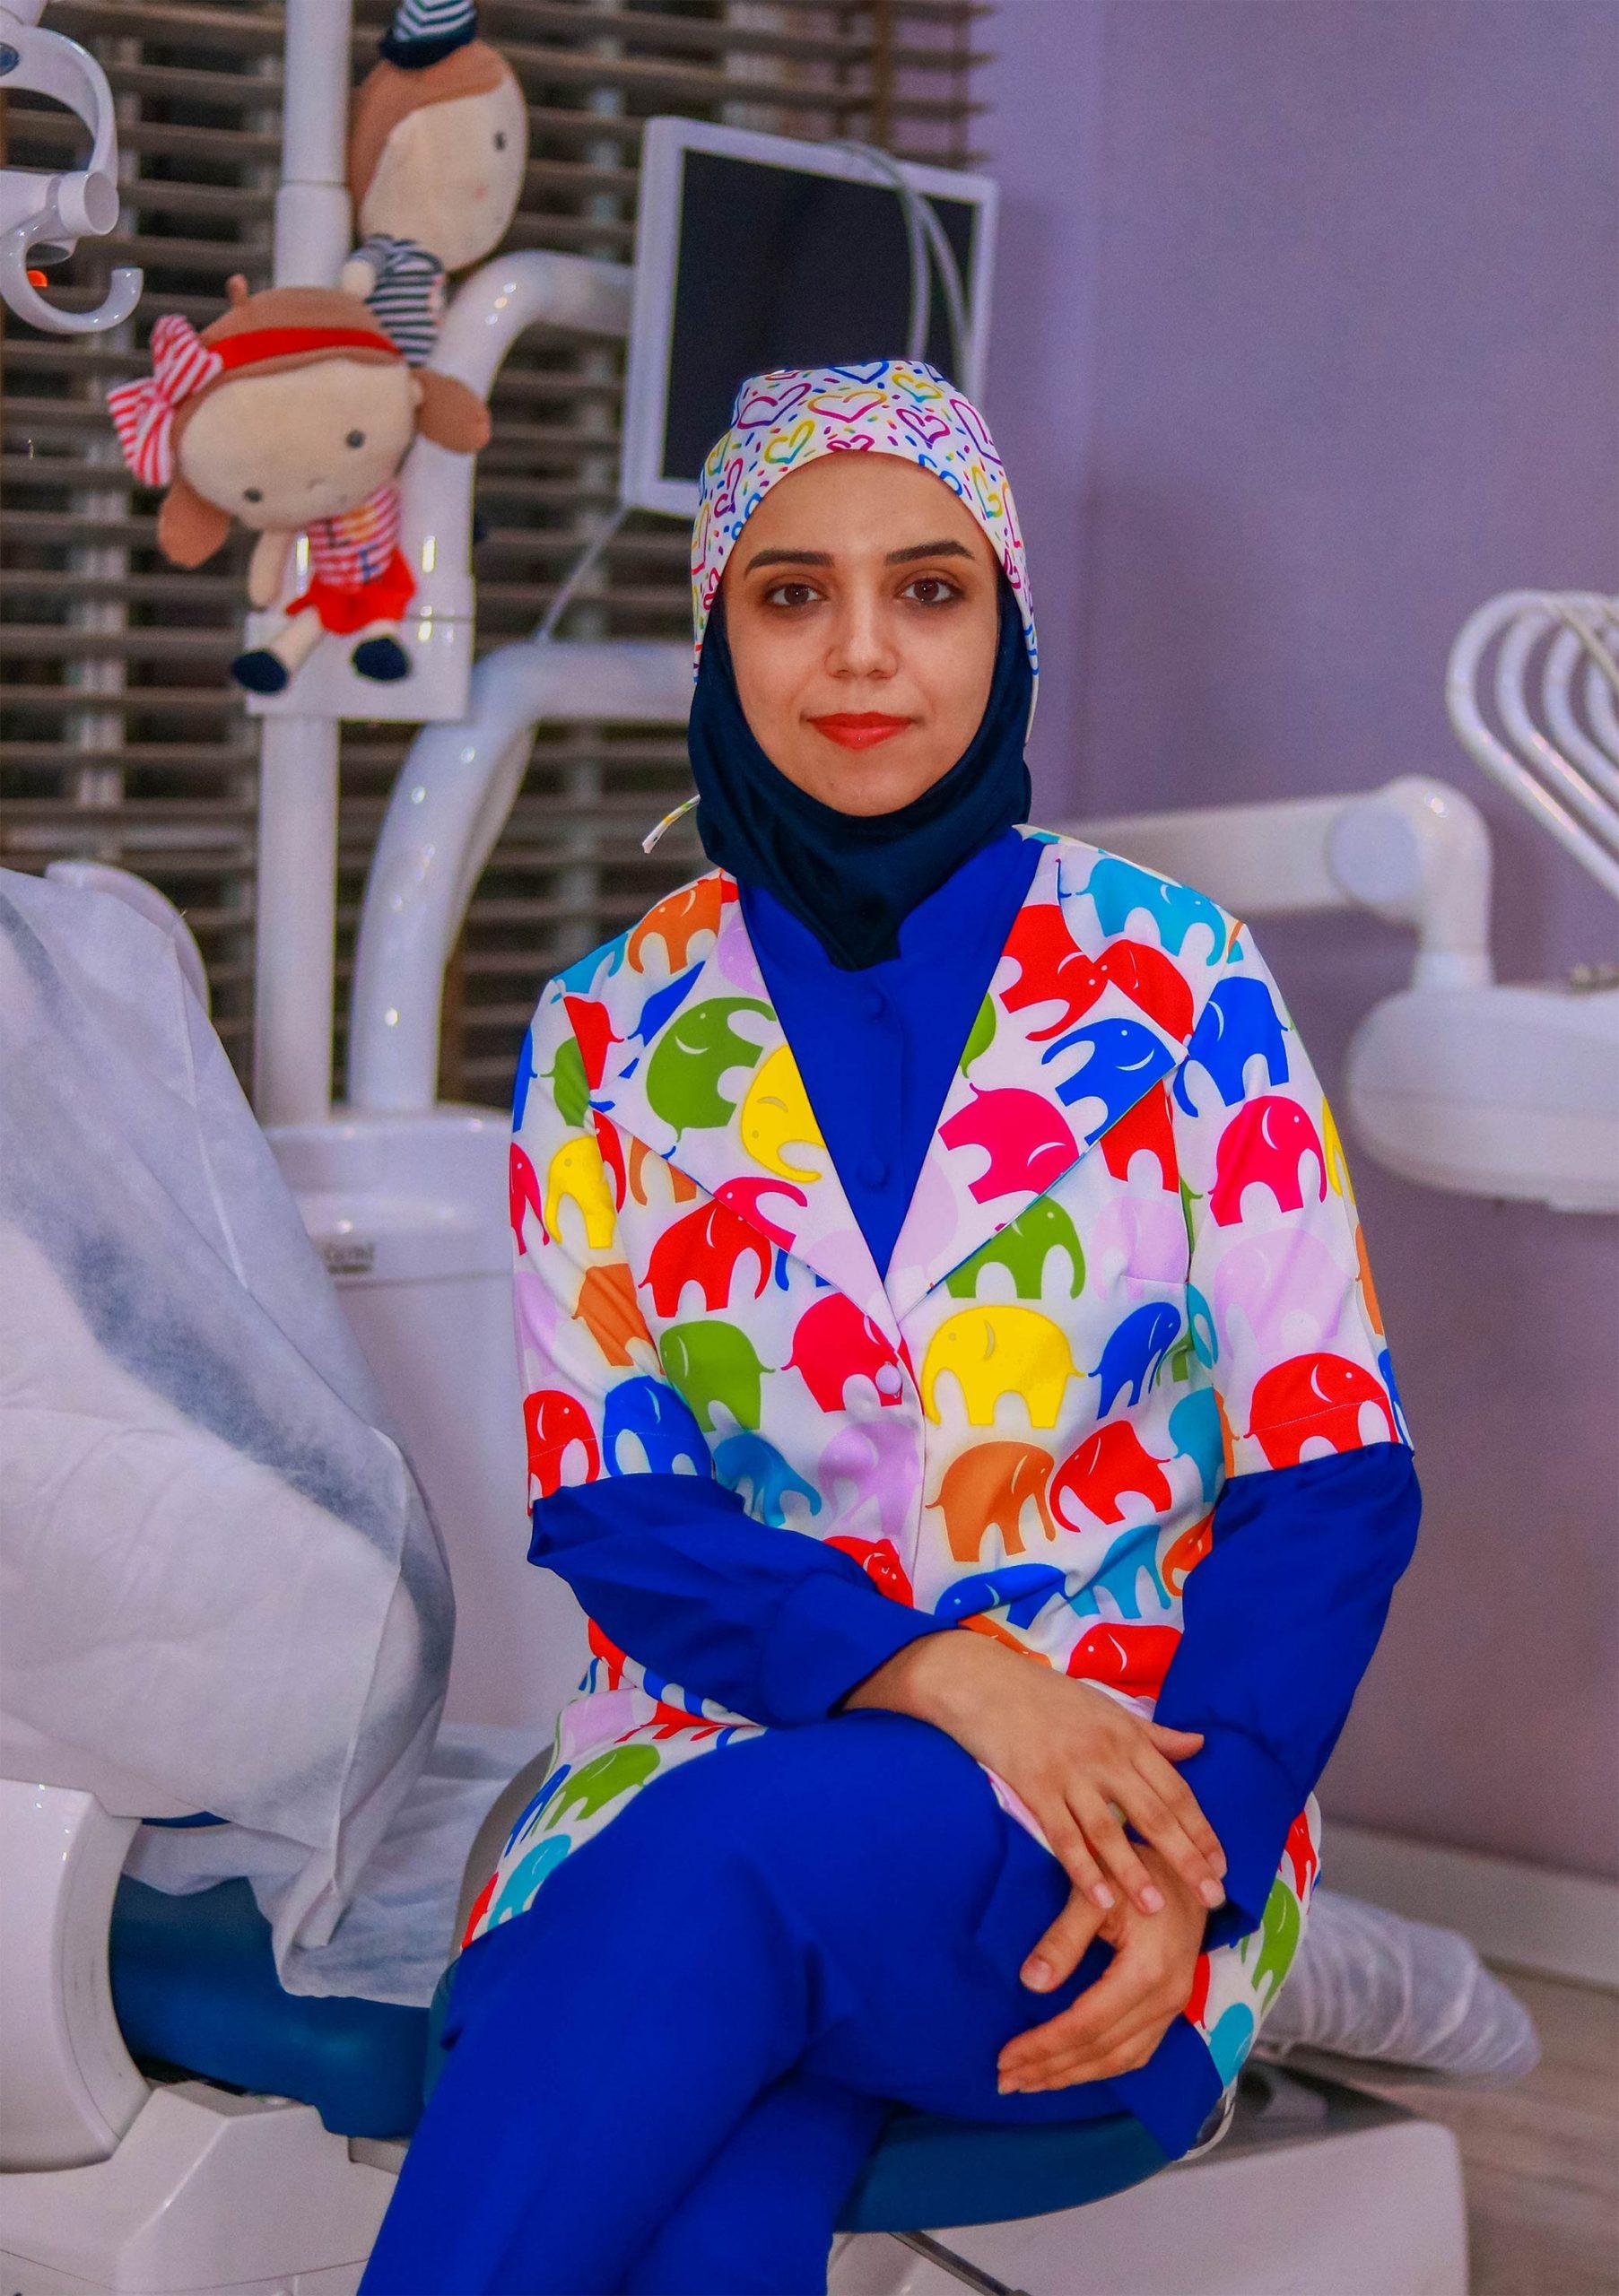 دکتر فائزه فتوحی اردکانی - دکتر دندانپزشک کودکان در یزد